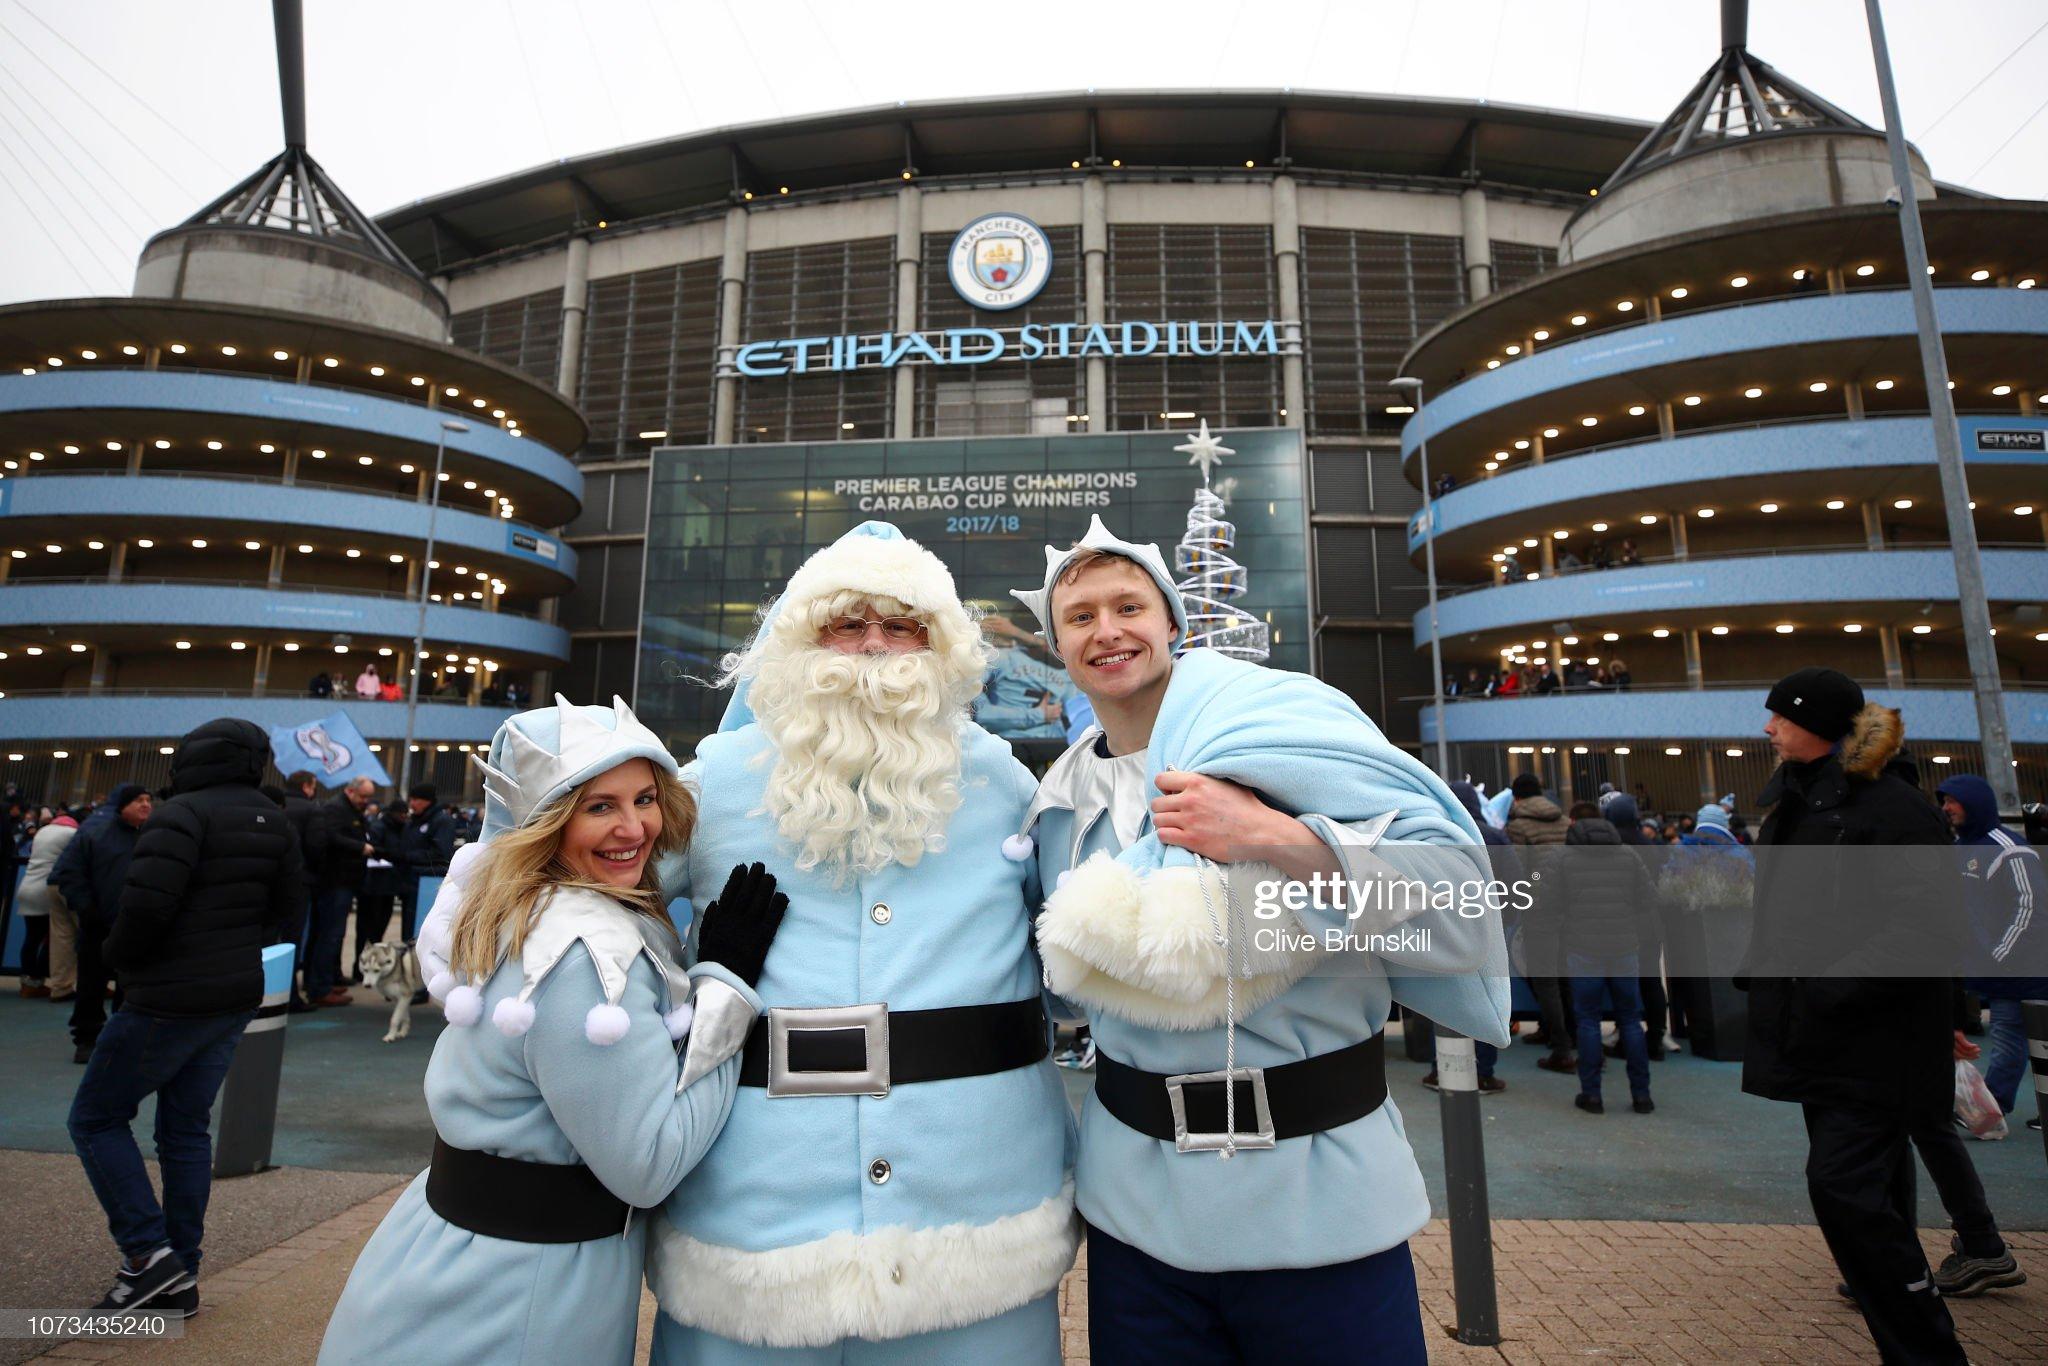 Manchester City v Everton FC - Premier League : Fotografia de notícias